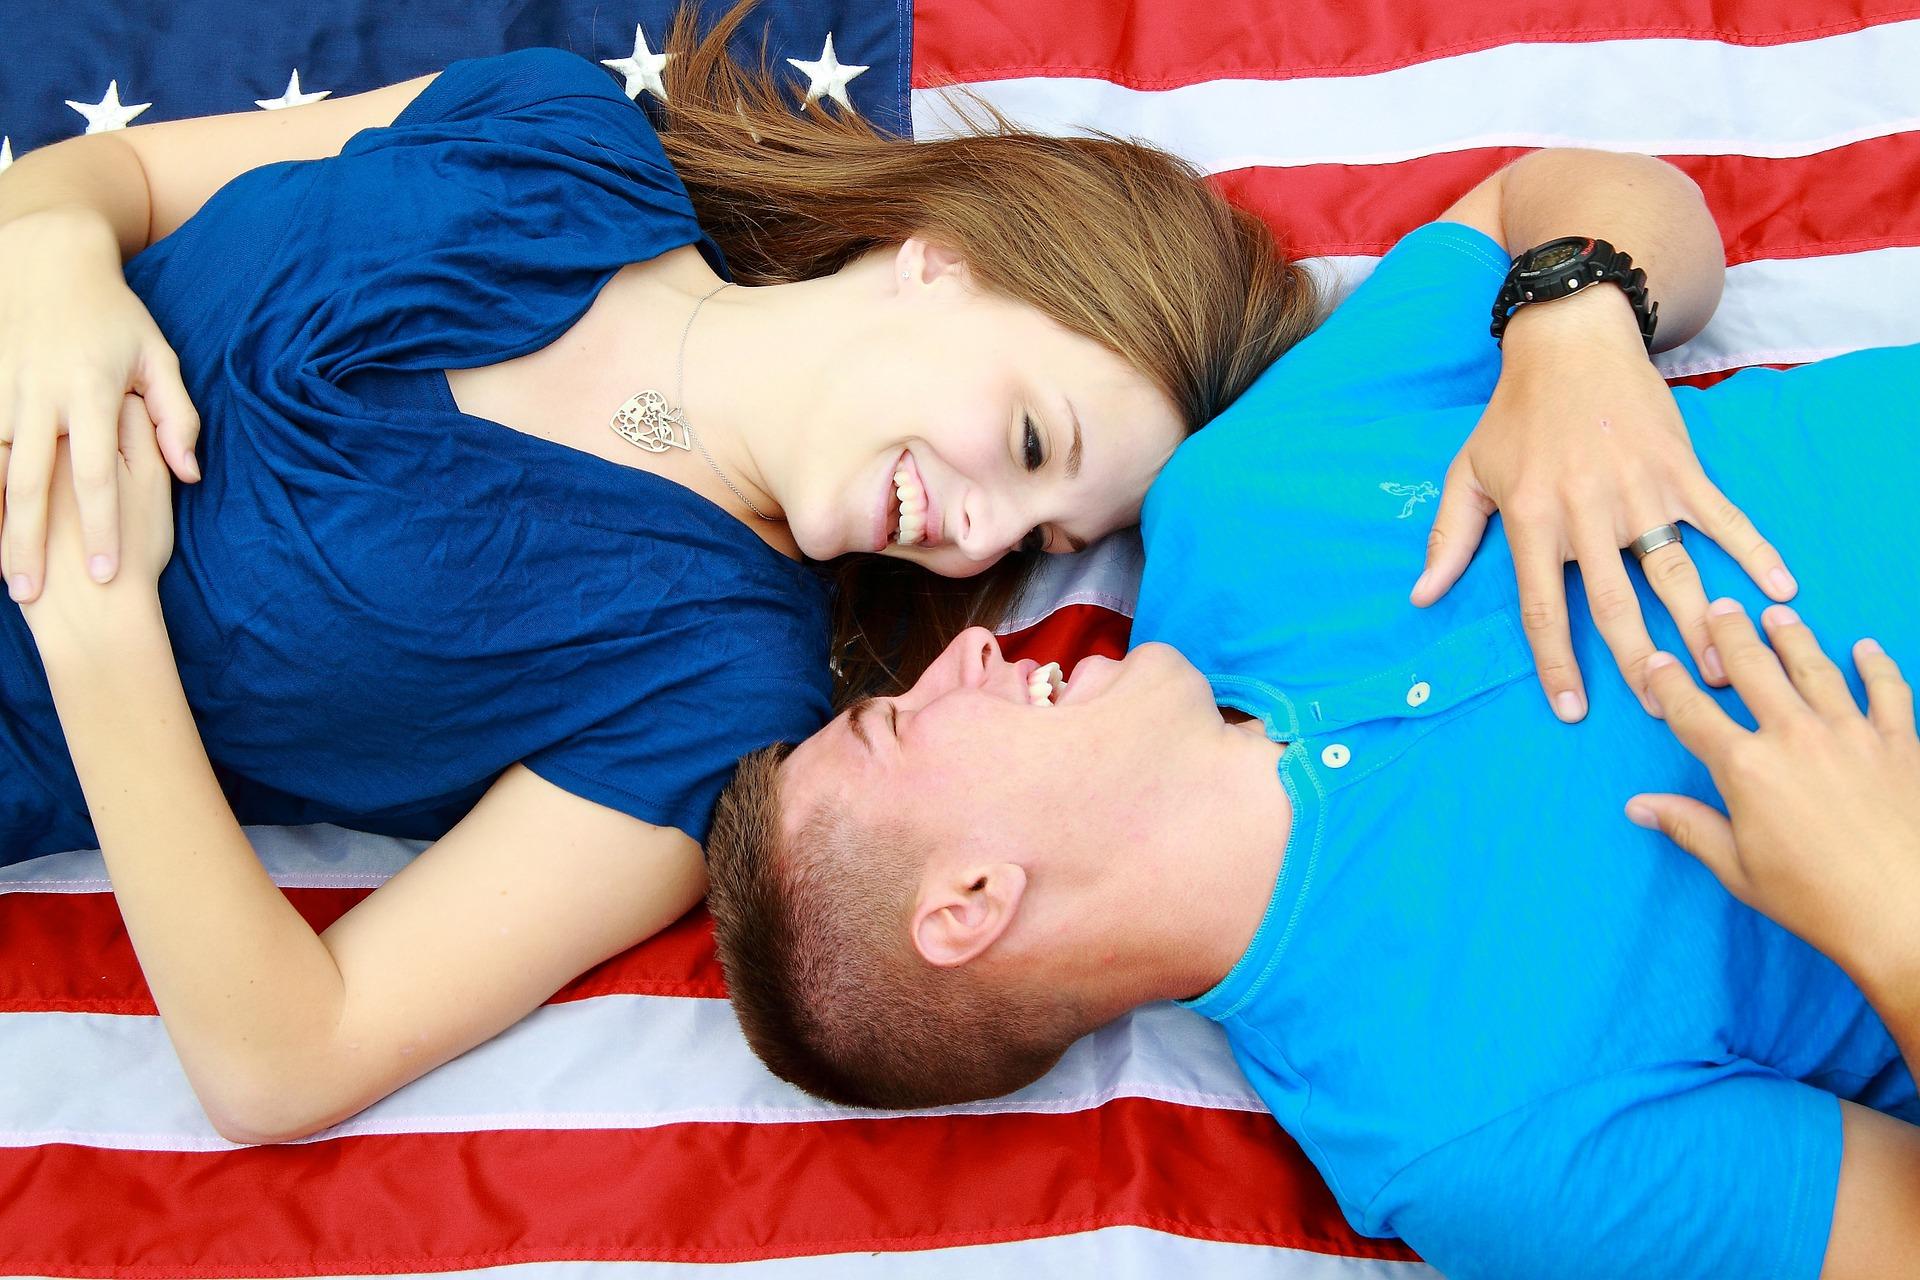 ucz sie angielskiego przez mówienie, para na fladze ameryki